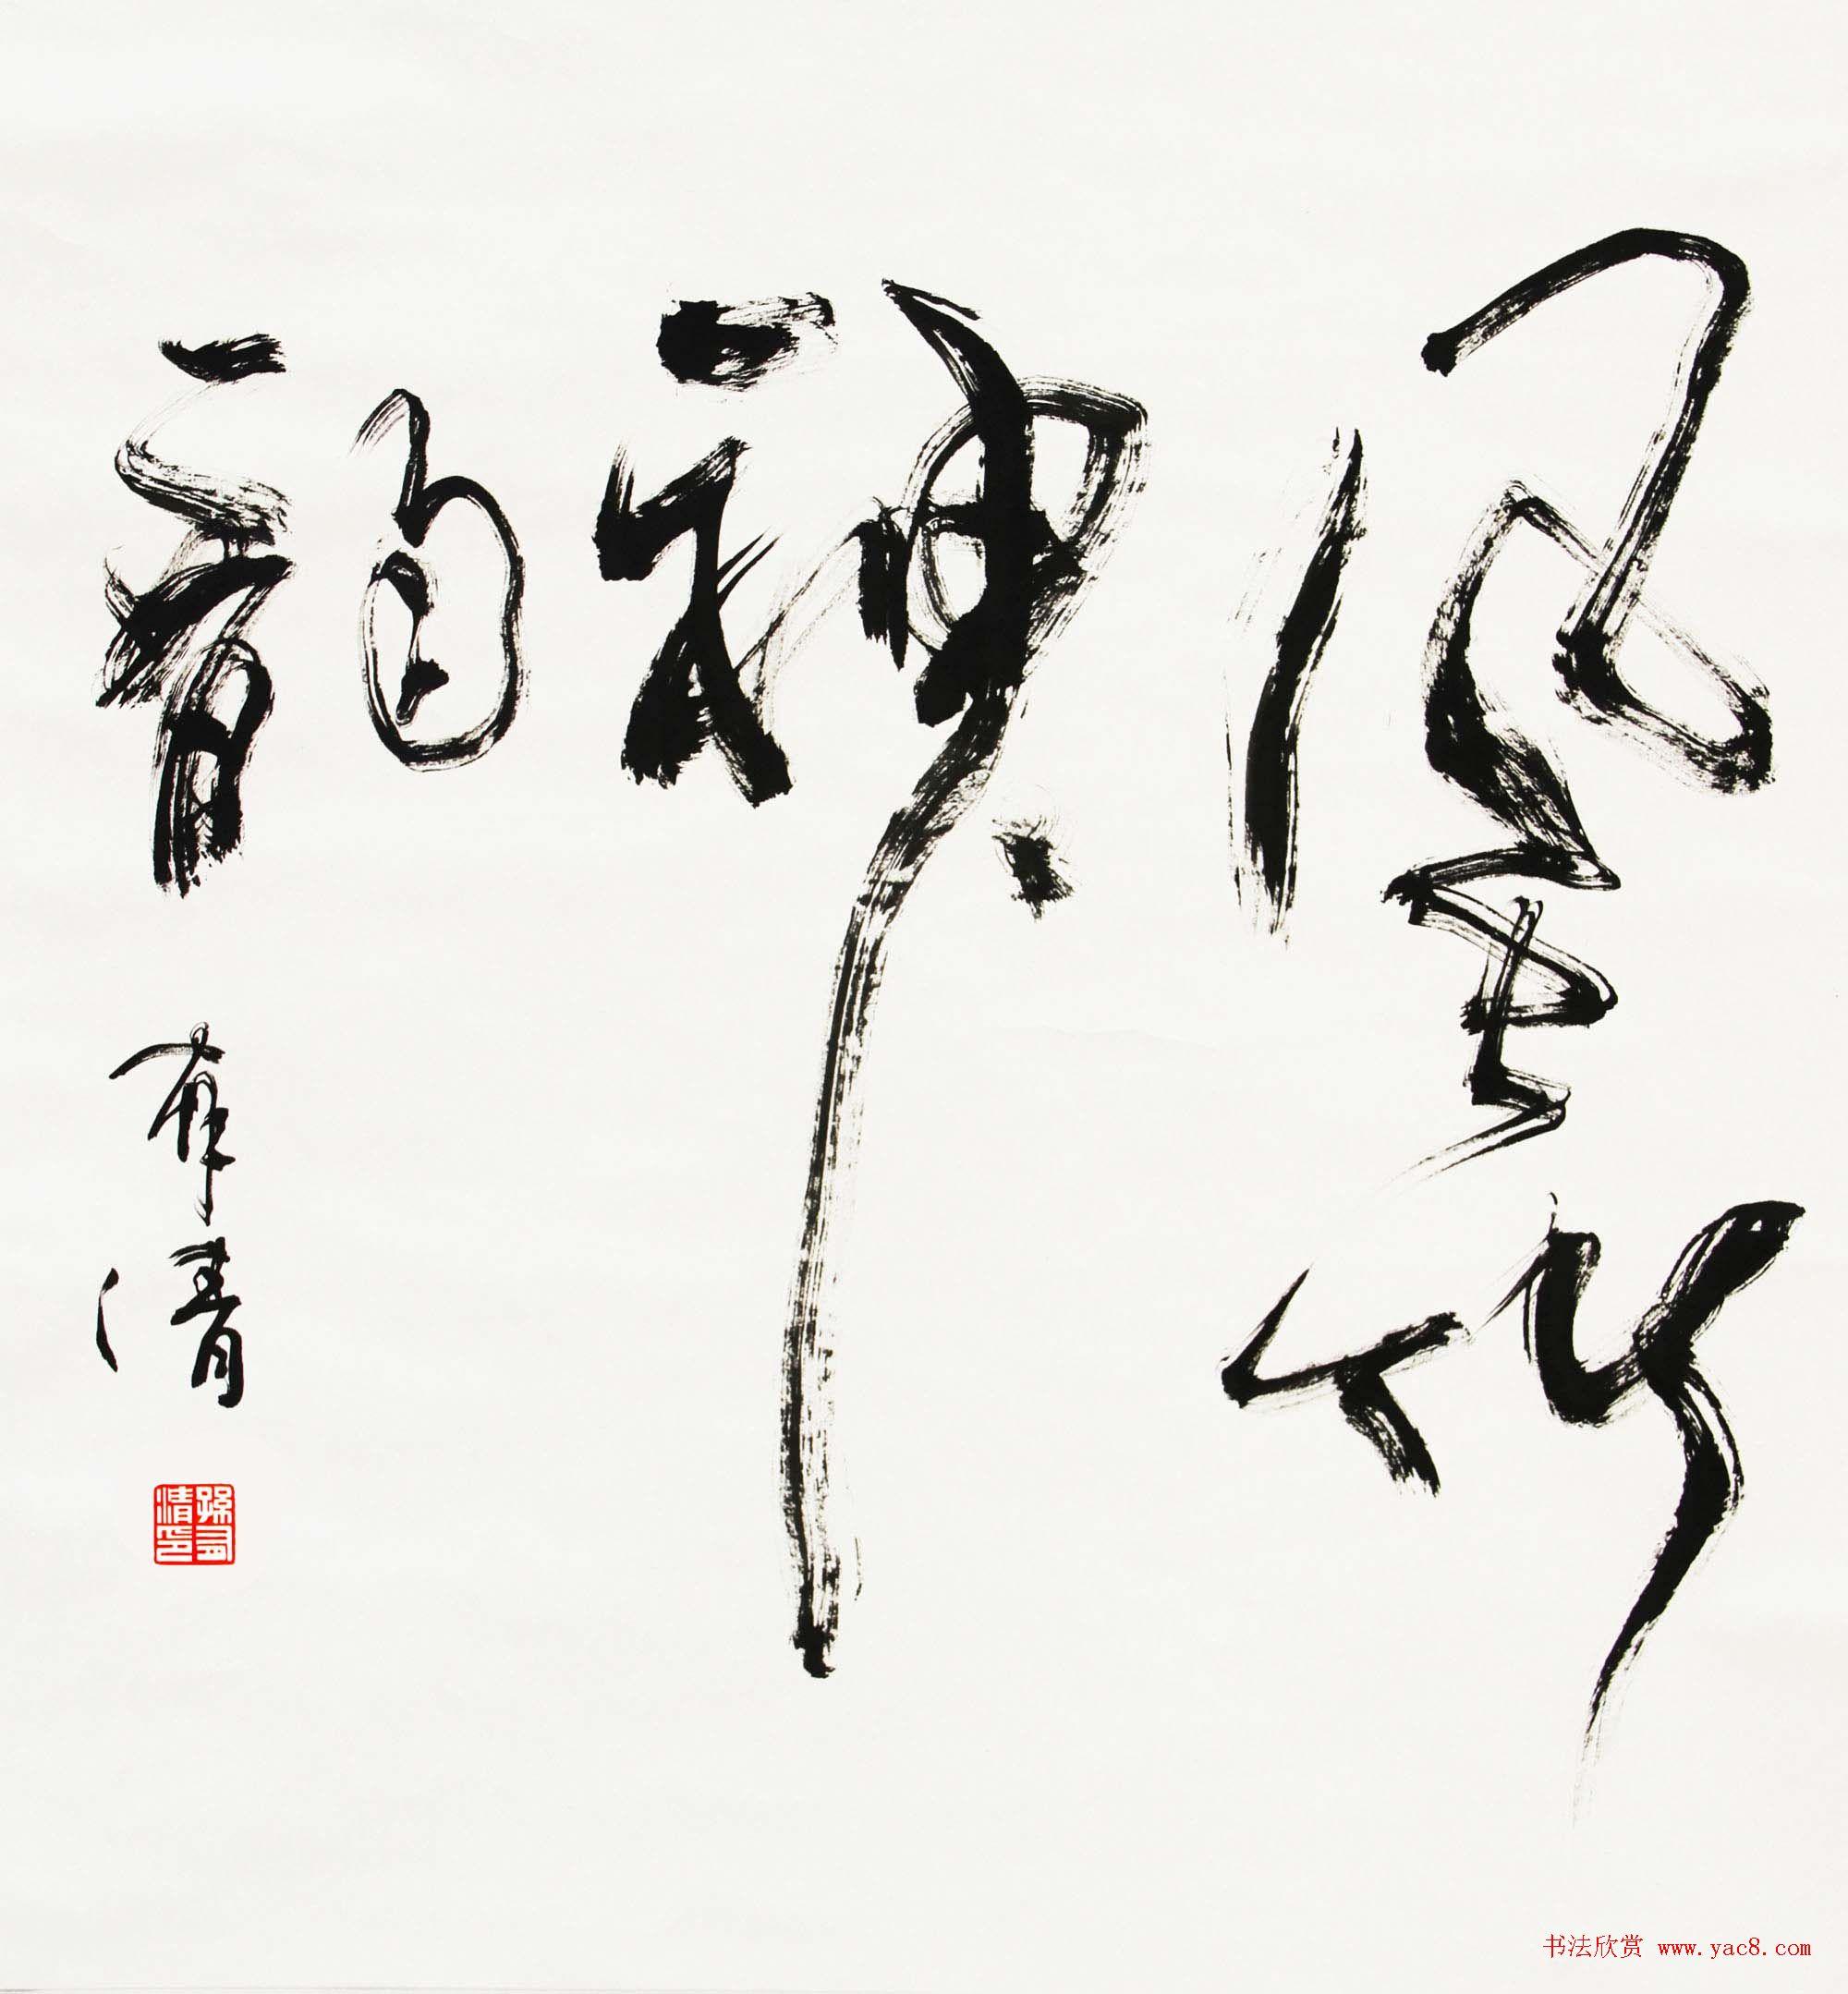 来稿选刊_民间达人孙有清创意书法作品